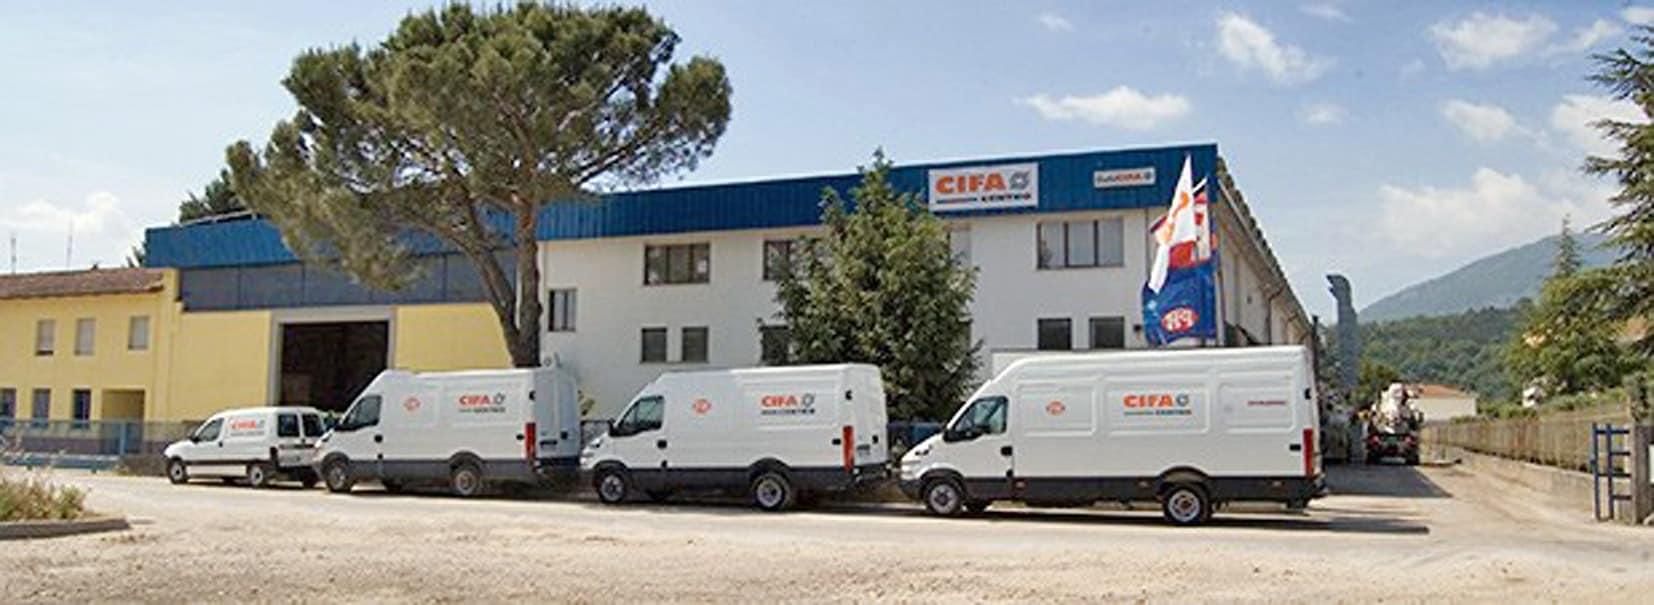 Cifacentro SpA è stata fondata nel 2000 e rappresenta un punto di riferimento in Umbria e Toscana per tutti gli operatori dei settori del calcestruzzo, dei lavori stradali e dell'edilizia in genere